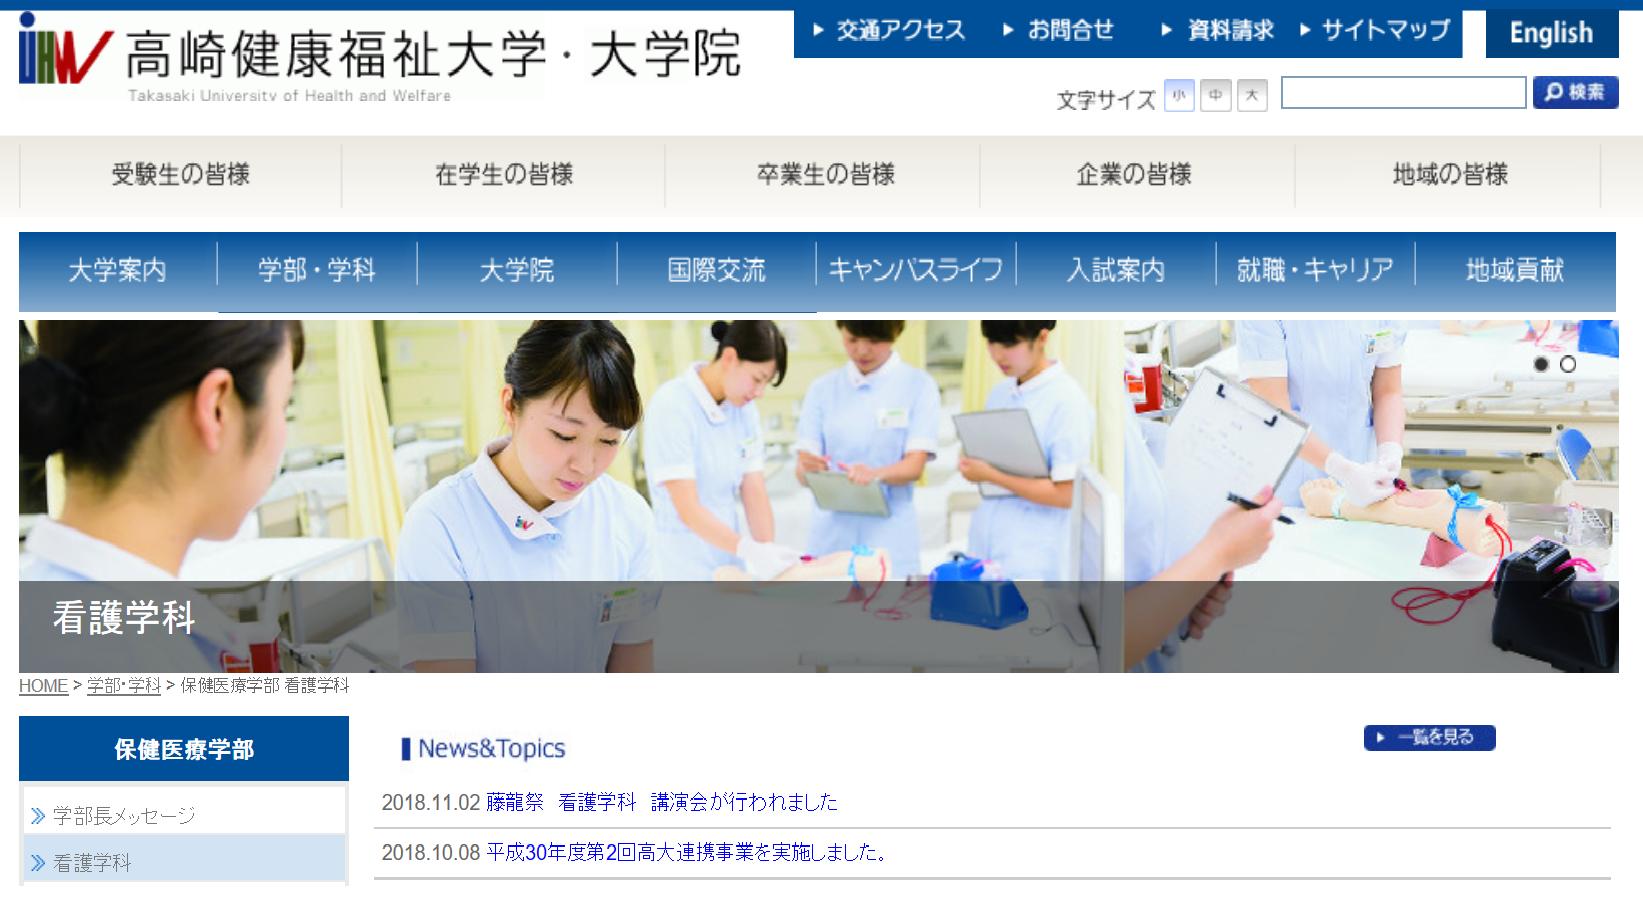 高崎健康福祉大学の評判・口コミ【保健医療学部編】